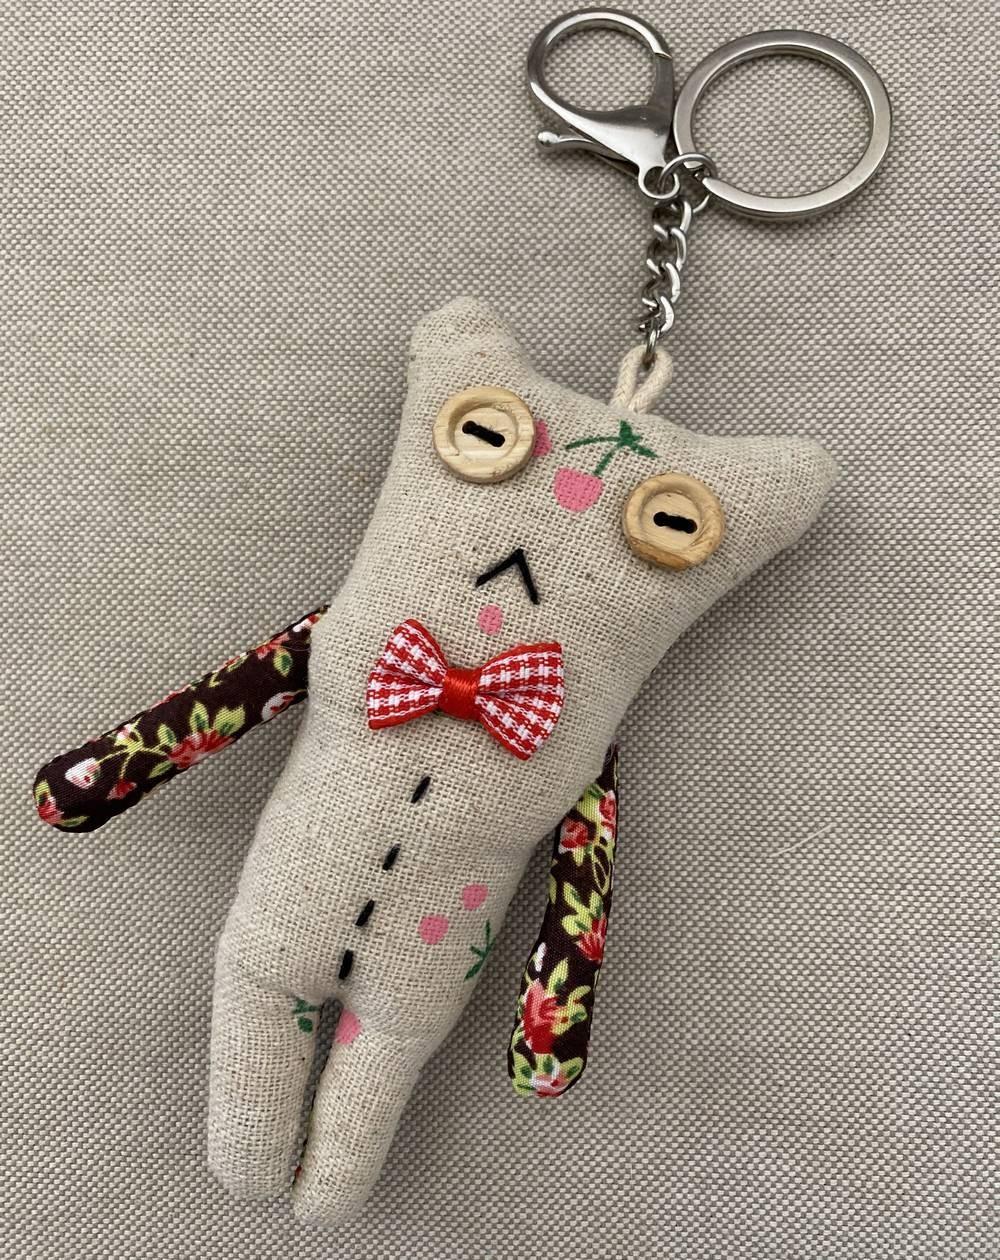 Porte clé original petit bonhomme en tissu beige